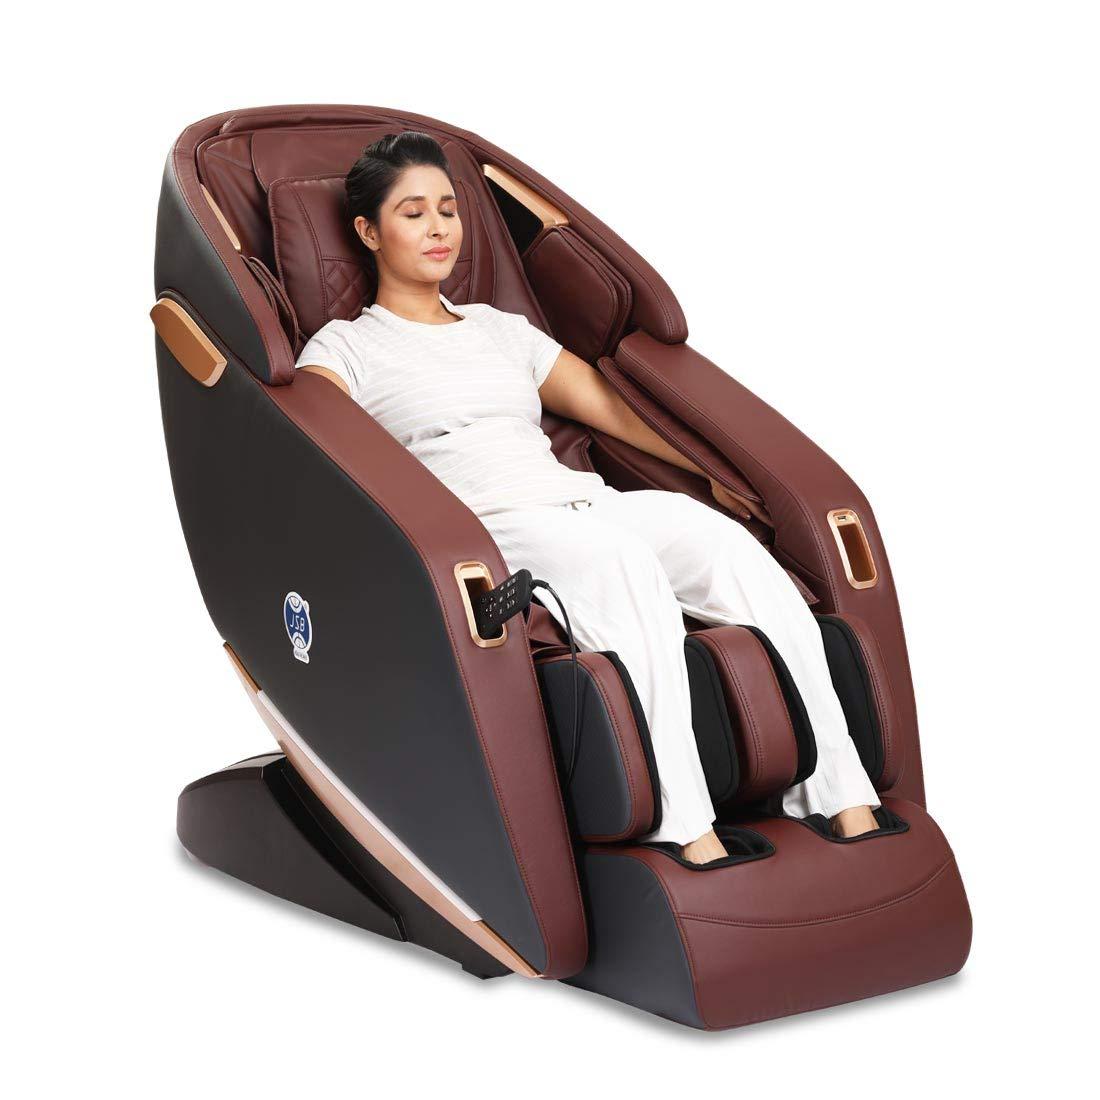 Best Lightweight Full Body Massage Chair 2021- JSB massage chair  Less Power Consumption Capsule Massage Chair